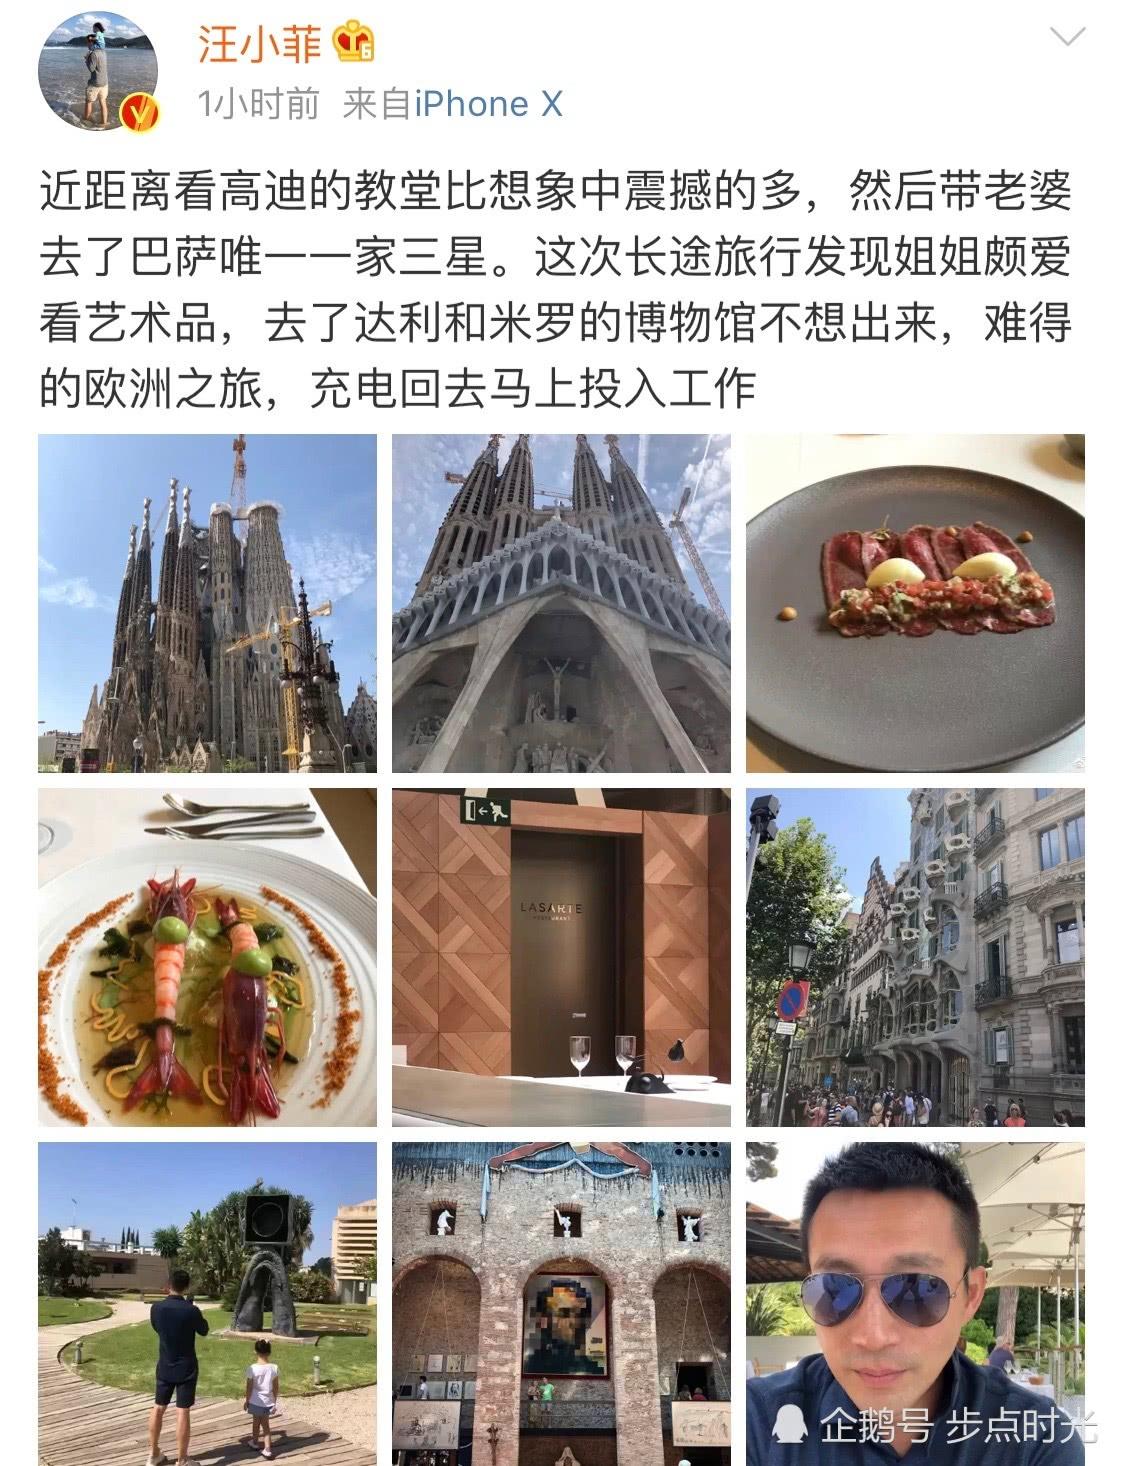 汪小菲带老婆女儿游西班牙,儿子被遗忘,与大S另类秀恩爱